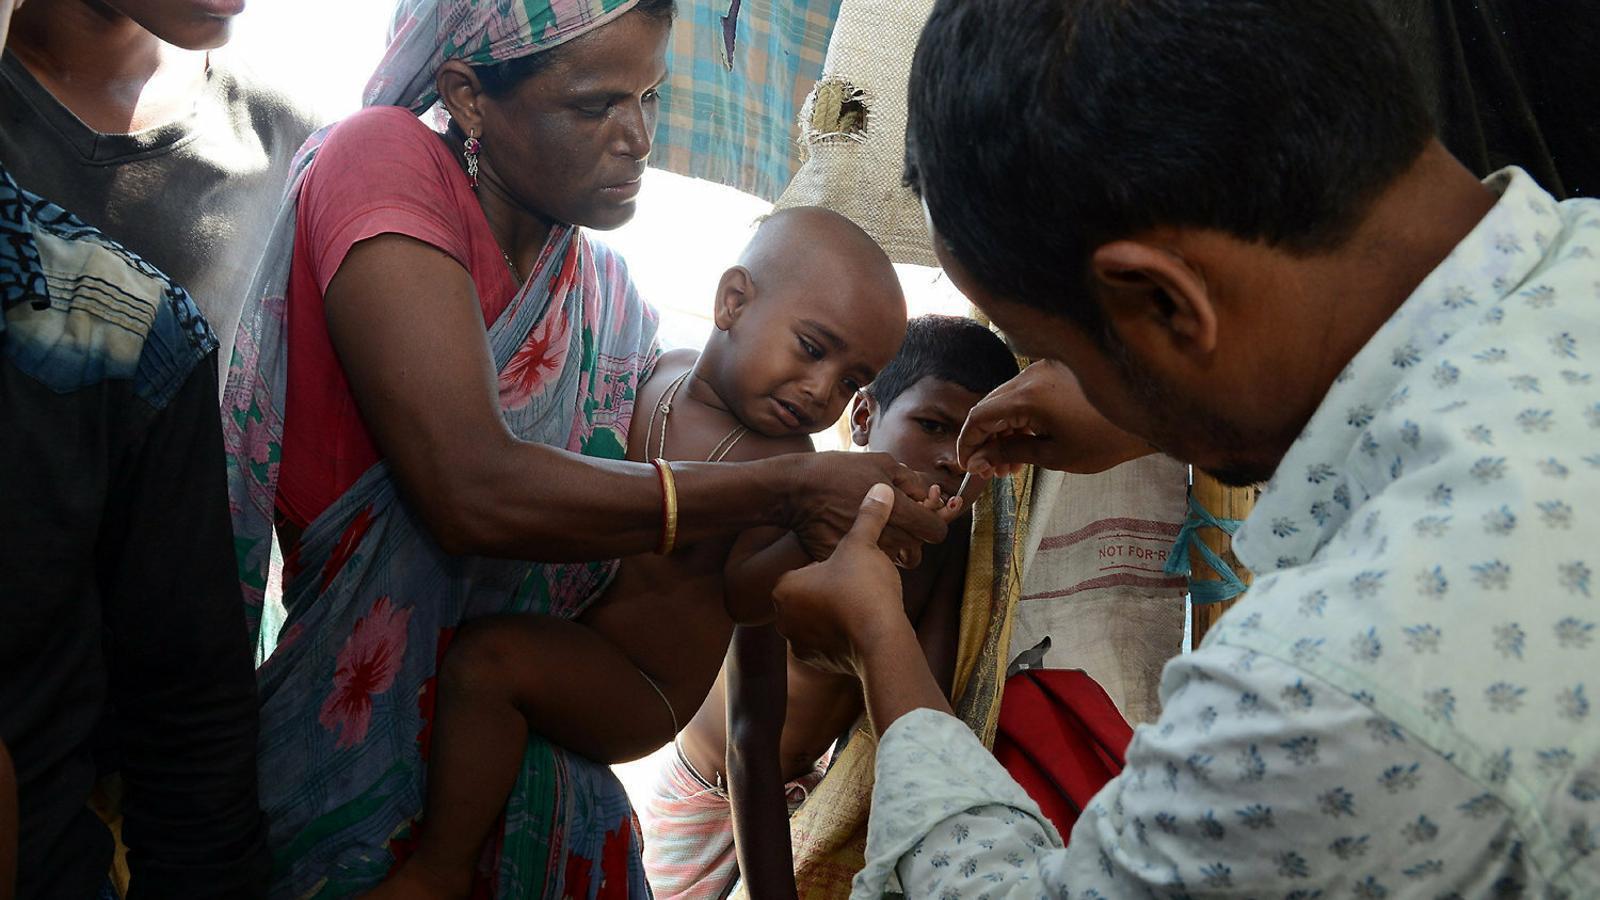 Un metge fent una prova de sang a un nen en una ciutat de l'Índia per comprovar si té la malària.